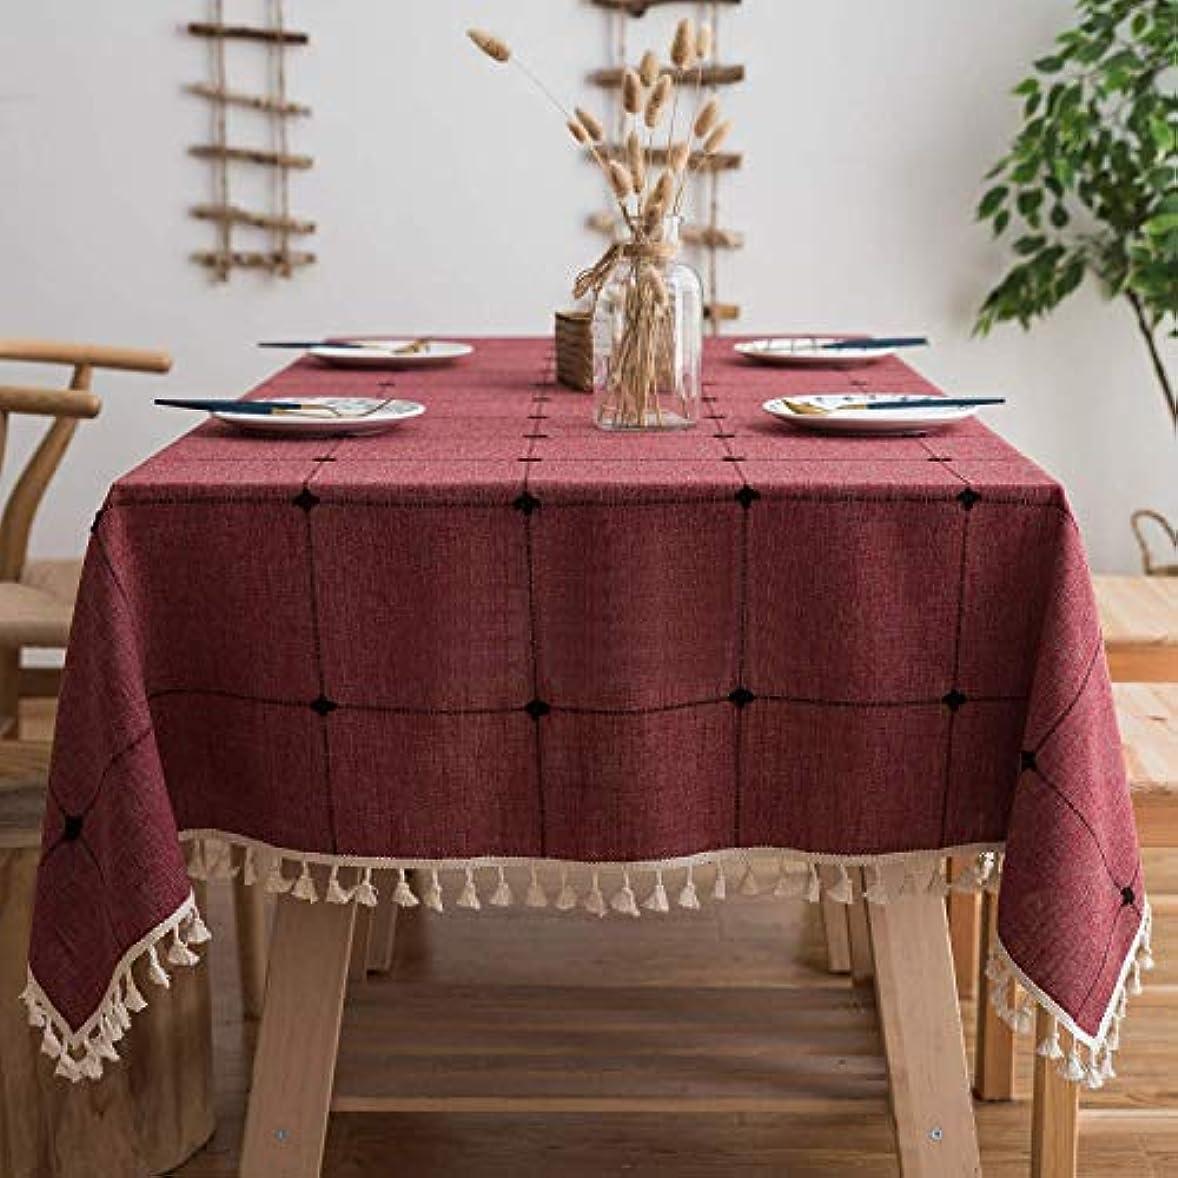 動詞アメリカ失われたコットン リネン 長方形 テーブルクロス, 刺繍 格子 テーブルクロスとタッセル 防塵 洗えるダイニングテーブルカバー -ワインレッド 140x300cm